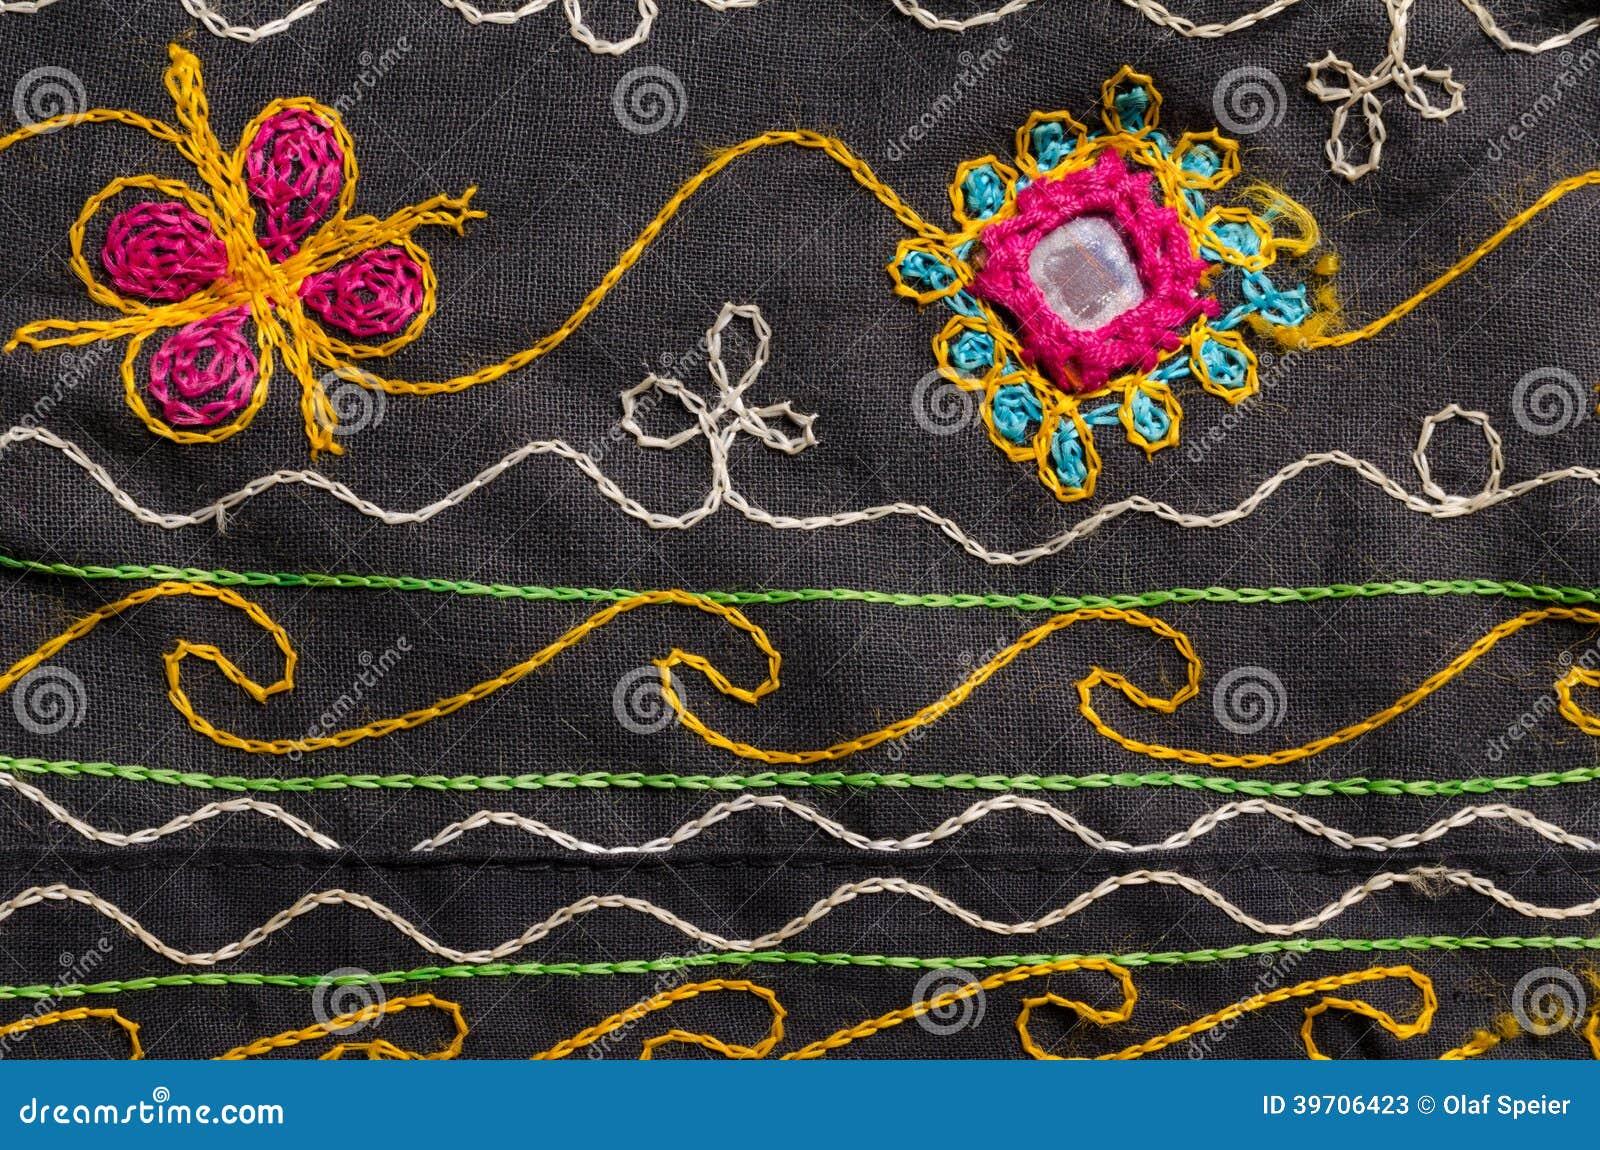 gewebe mit blumenmotivhintergrund stockfoto bild 39706423. Black Bedroom Furniture Sets. Home Design Ideas